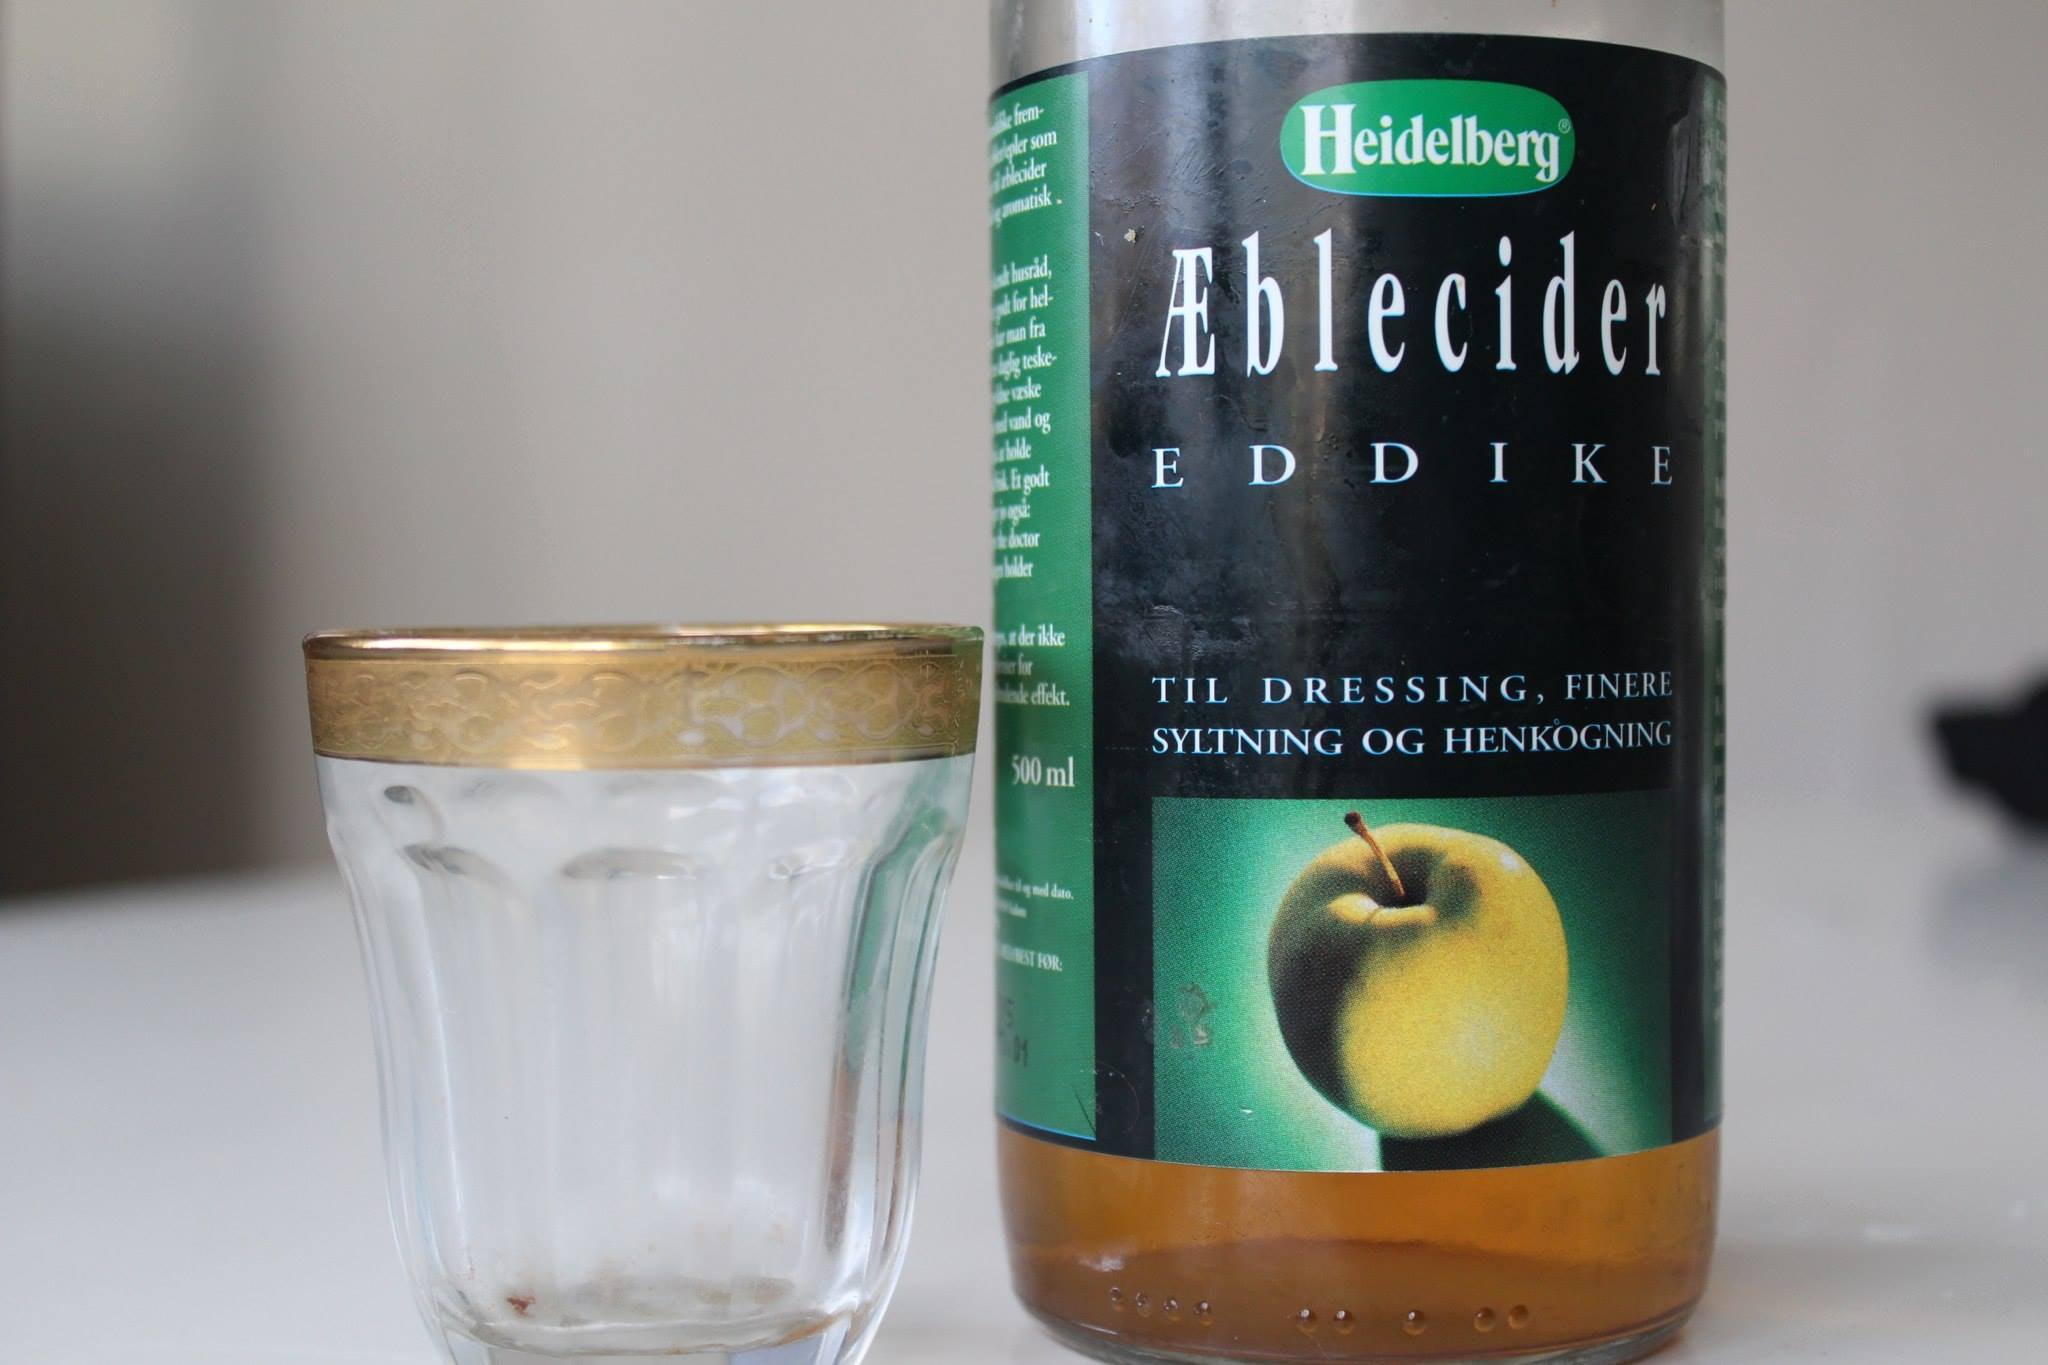 drik æblecidereddike